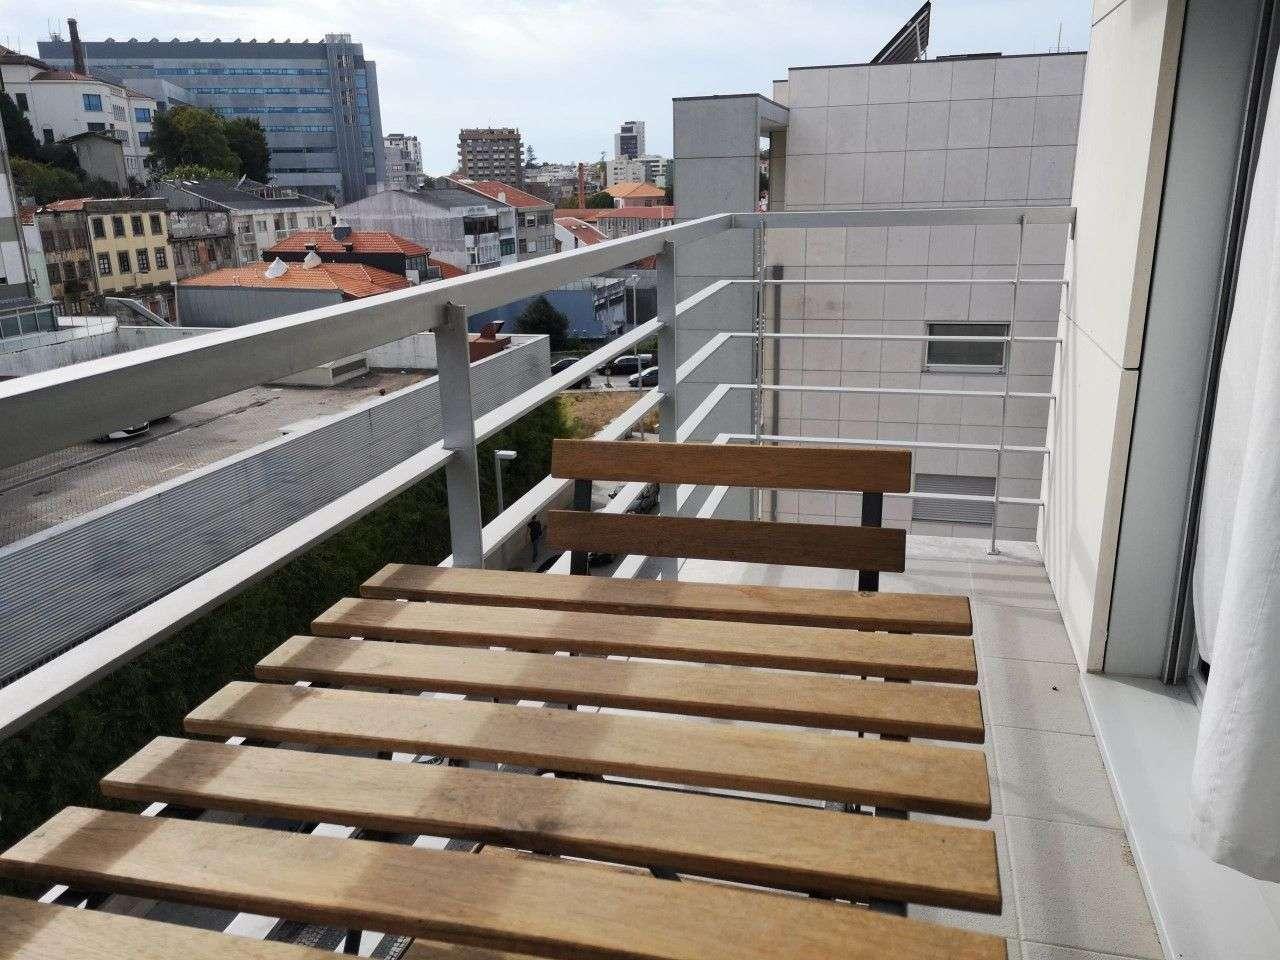 Apartamento para comprar, Rua Instituto de Cegos S Manuel, Cedofeita, Santo Ildefonso, Sé, Miragaia, São Nicolau e Vitória - Foto 15